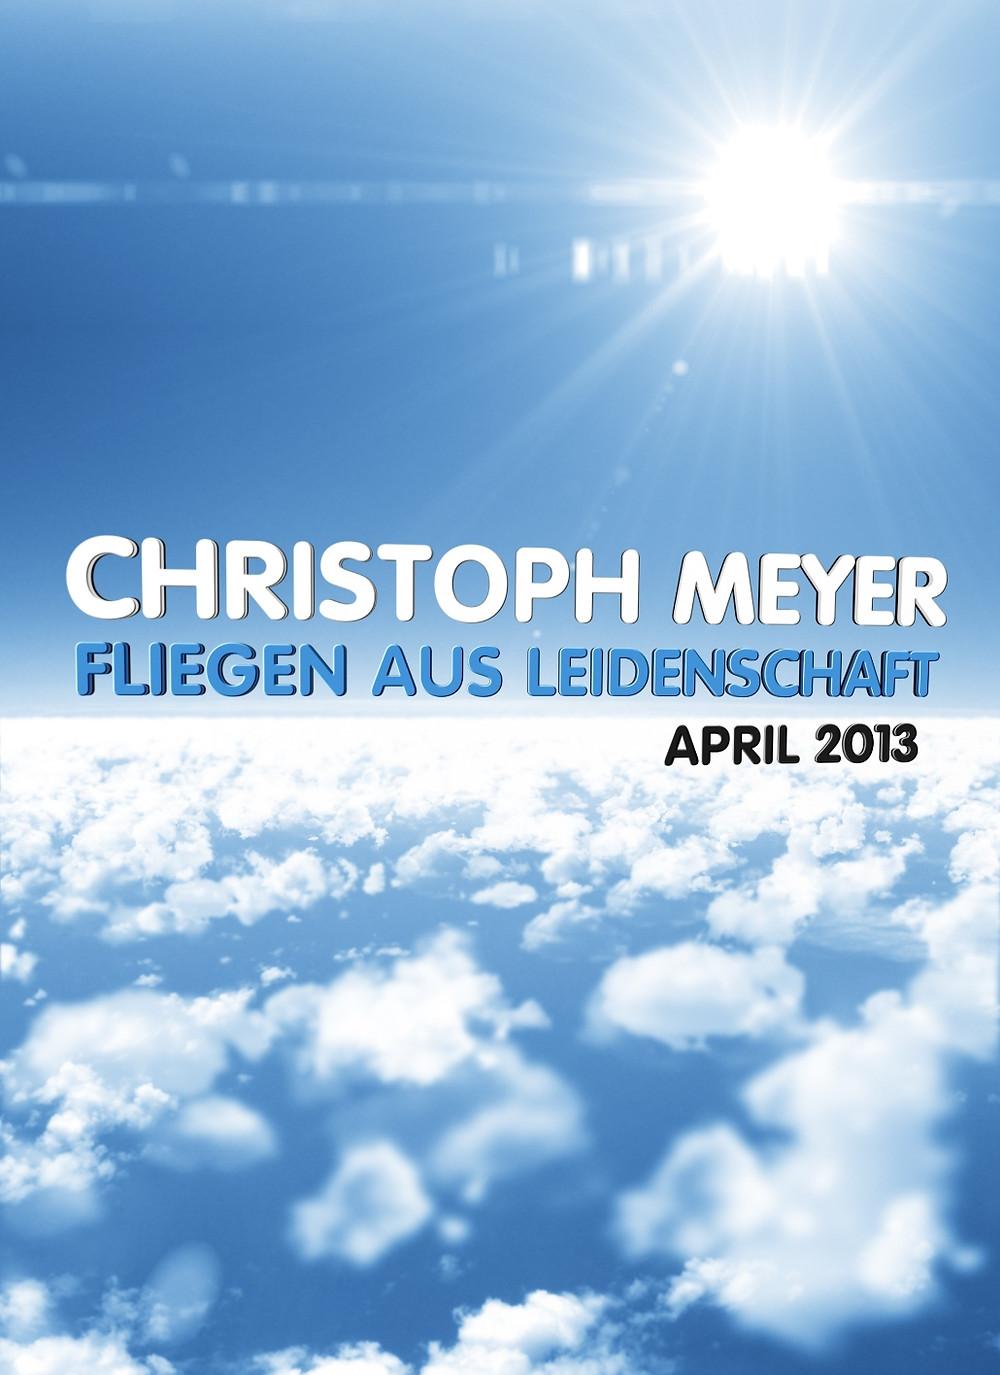 Teaser-Poster: Christoph Meyer - Fliegen aus Leidenschaft